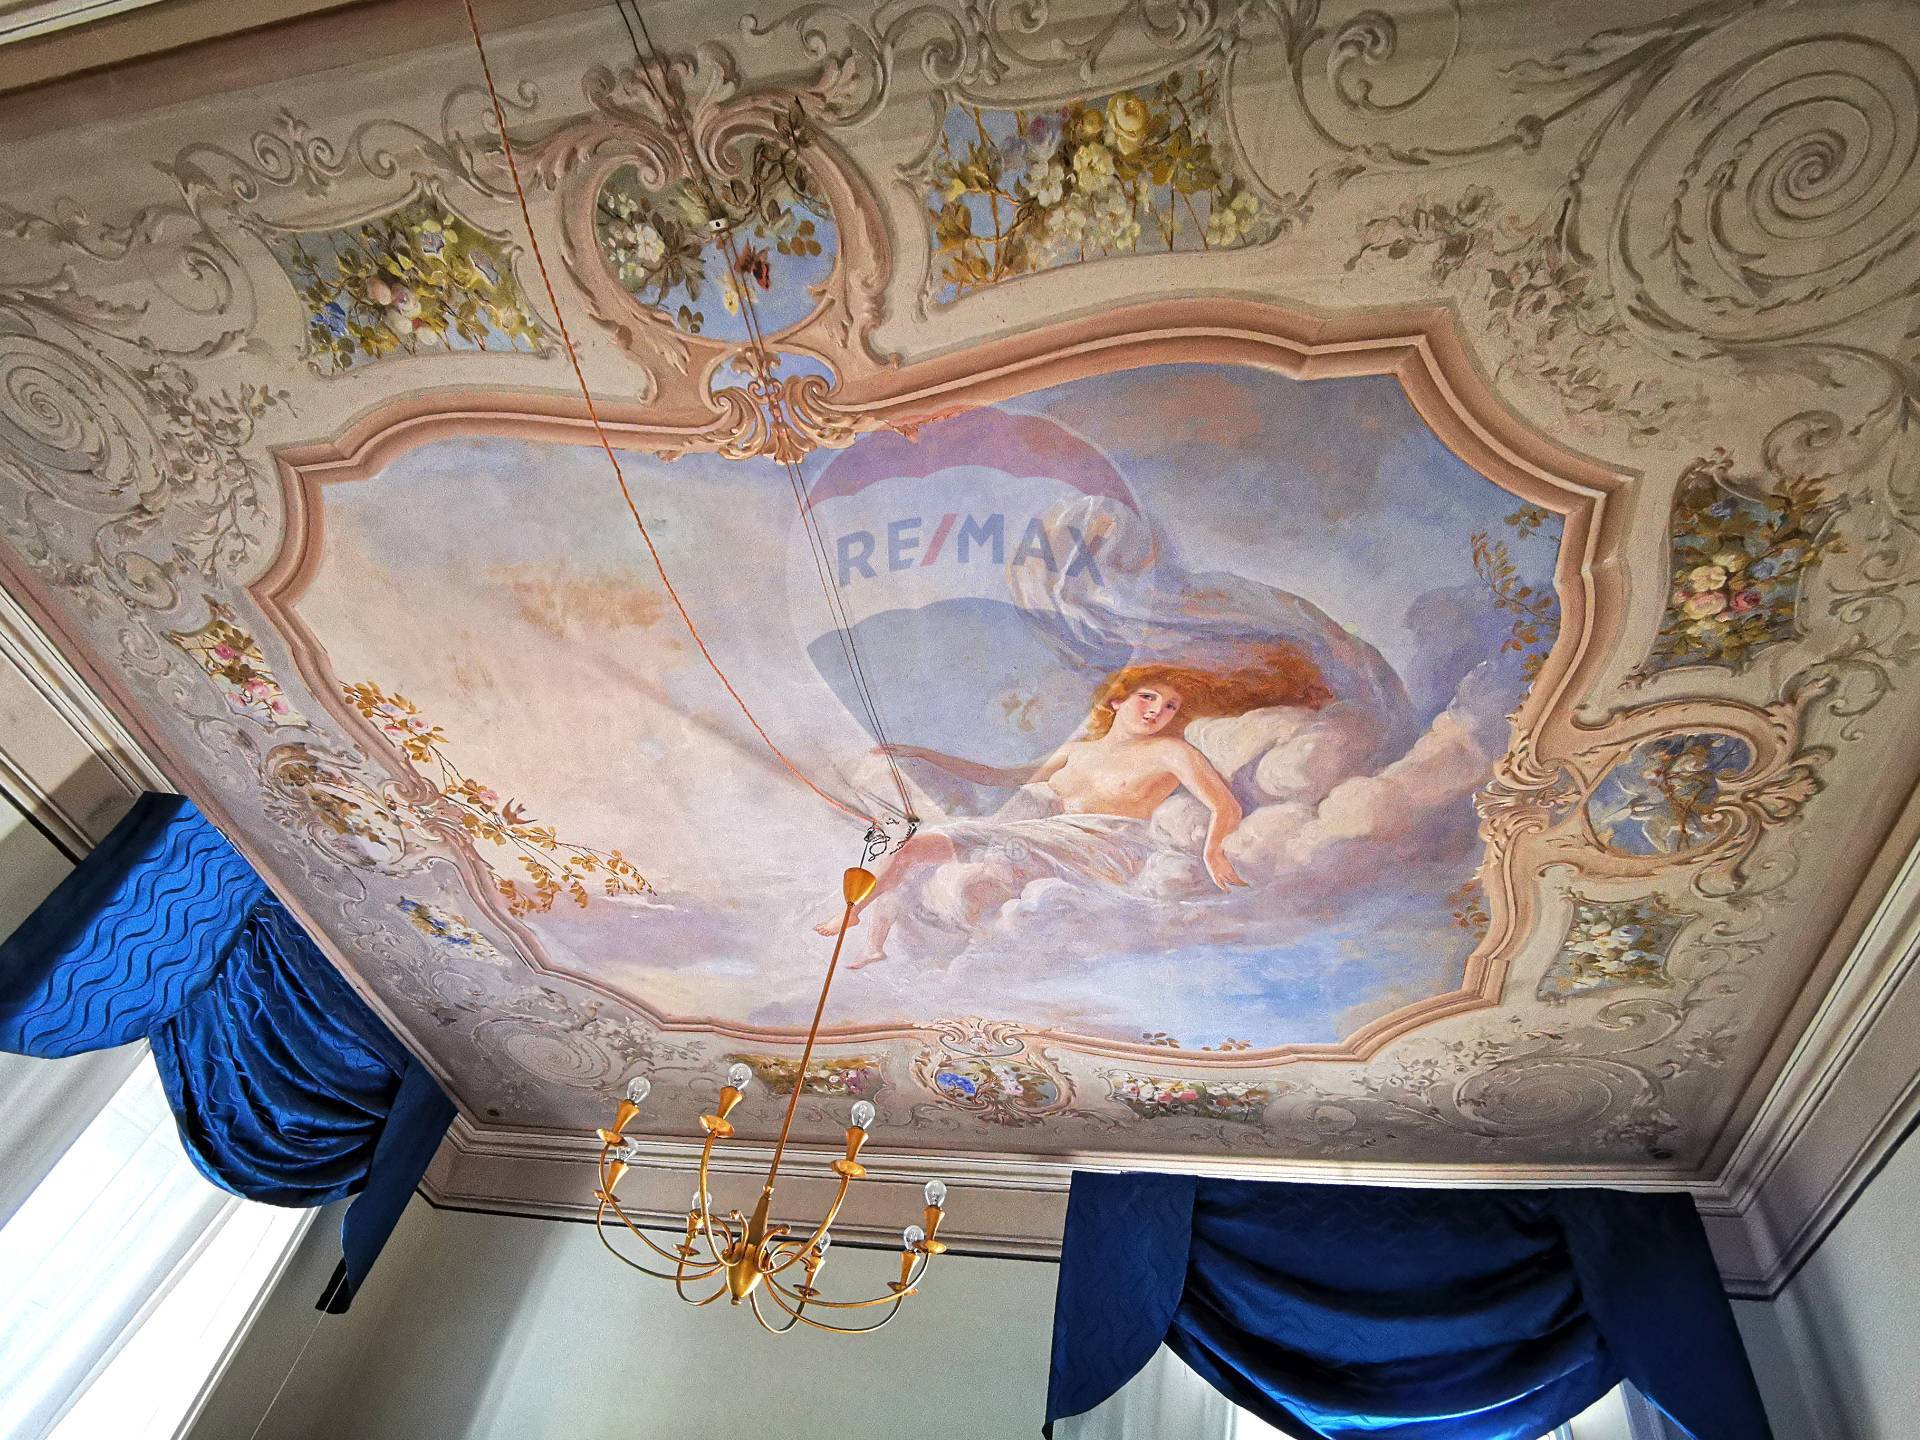 Villa Unifamiliare - Indipendente, 450 Mq, Vendita - Caiazzo (CE)